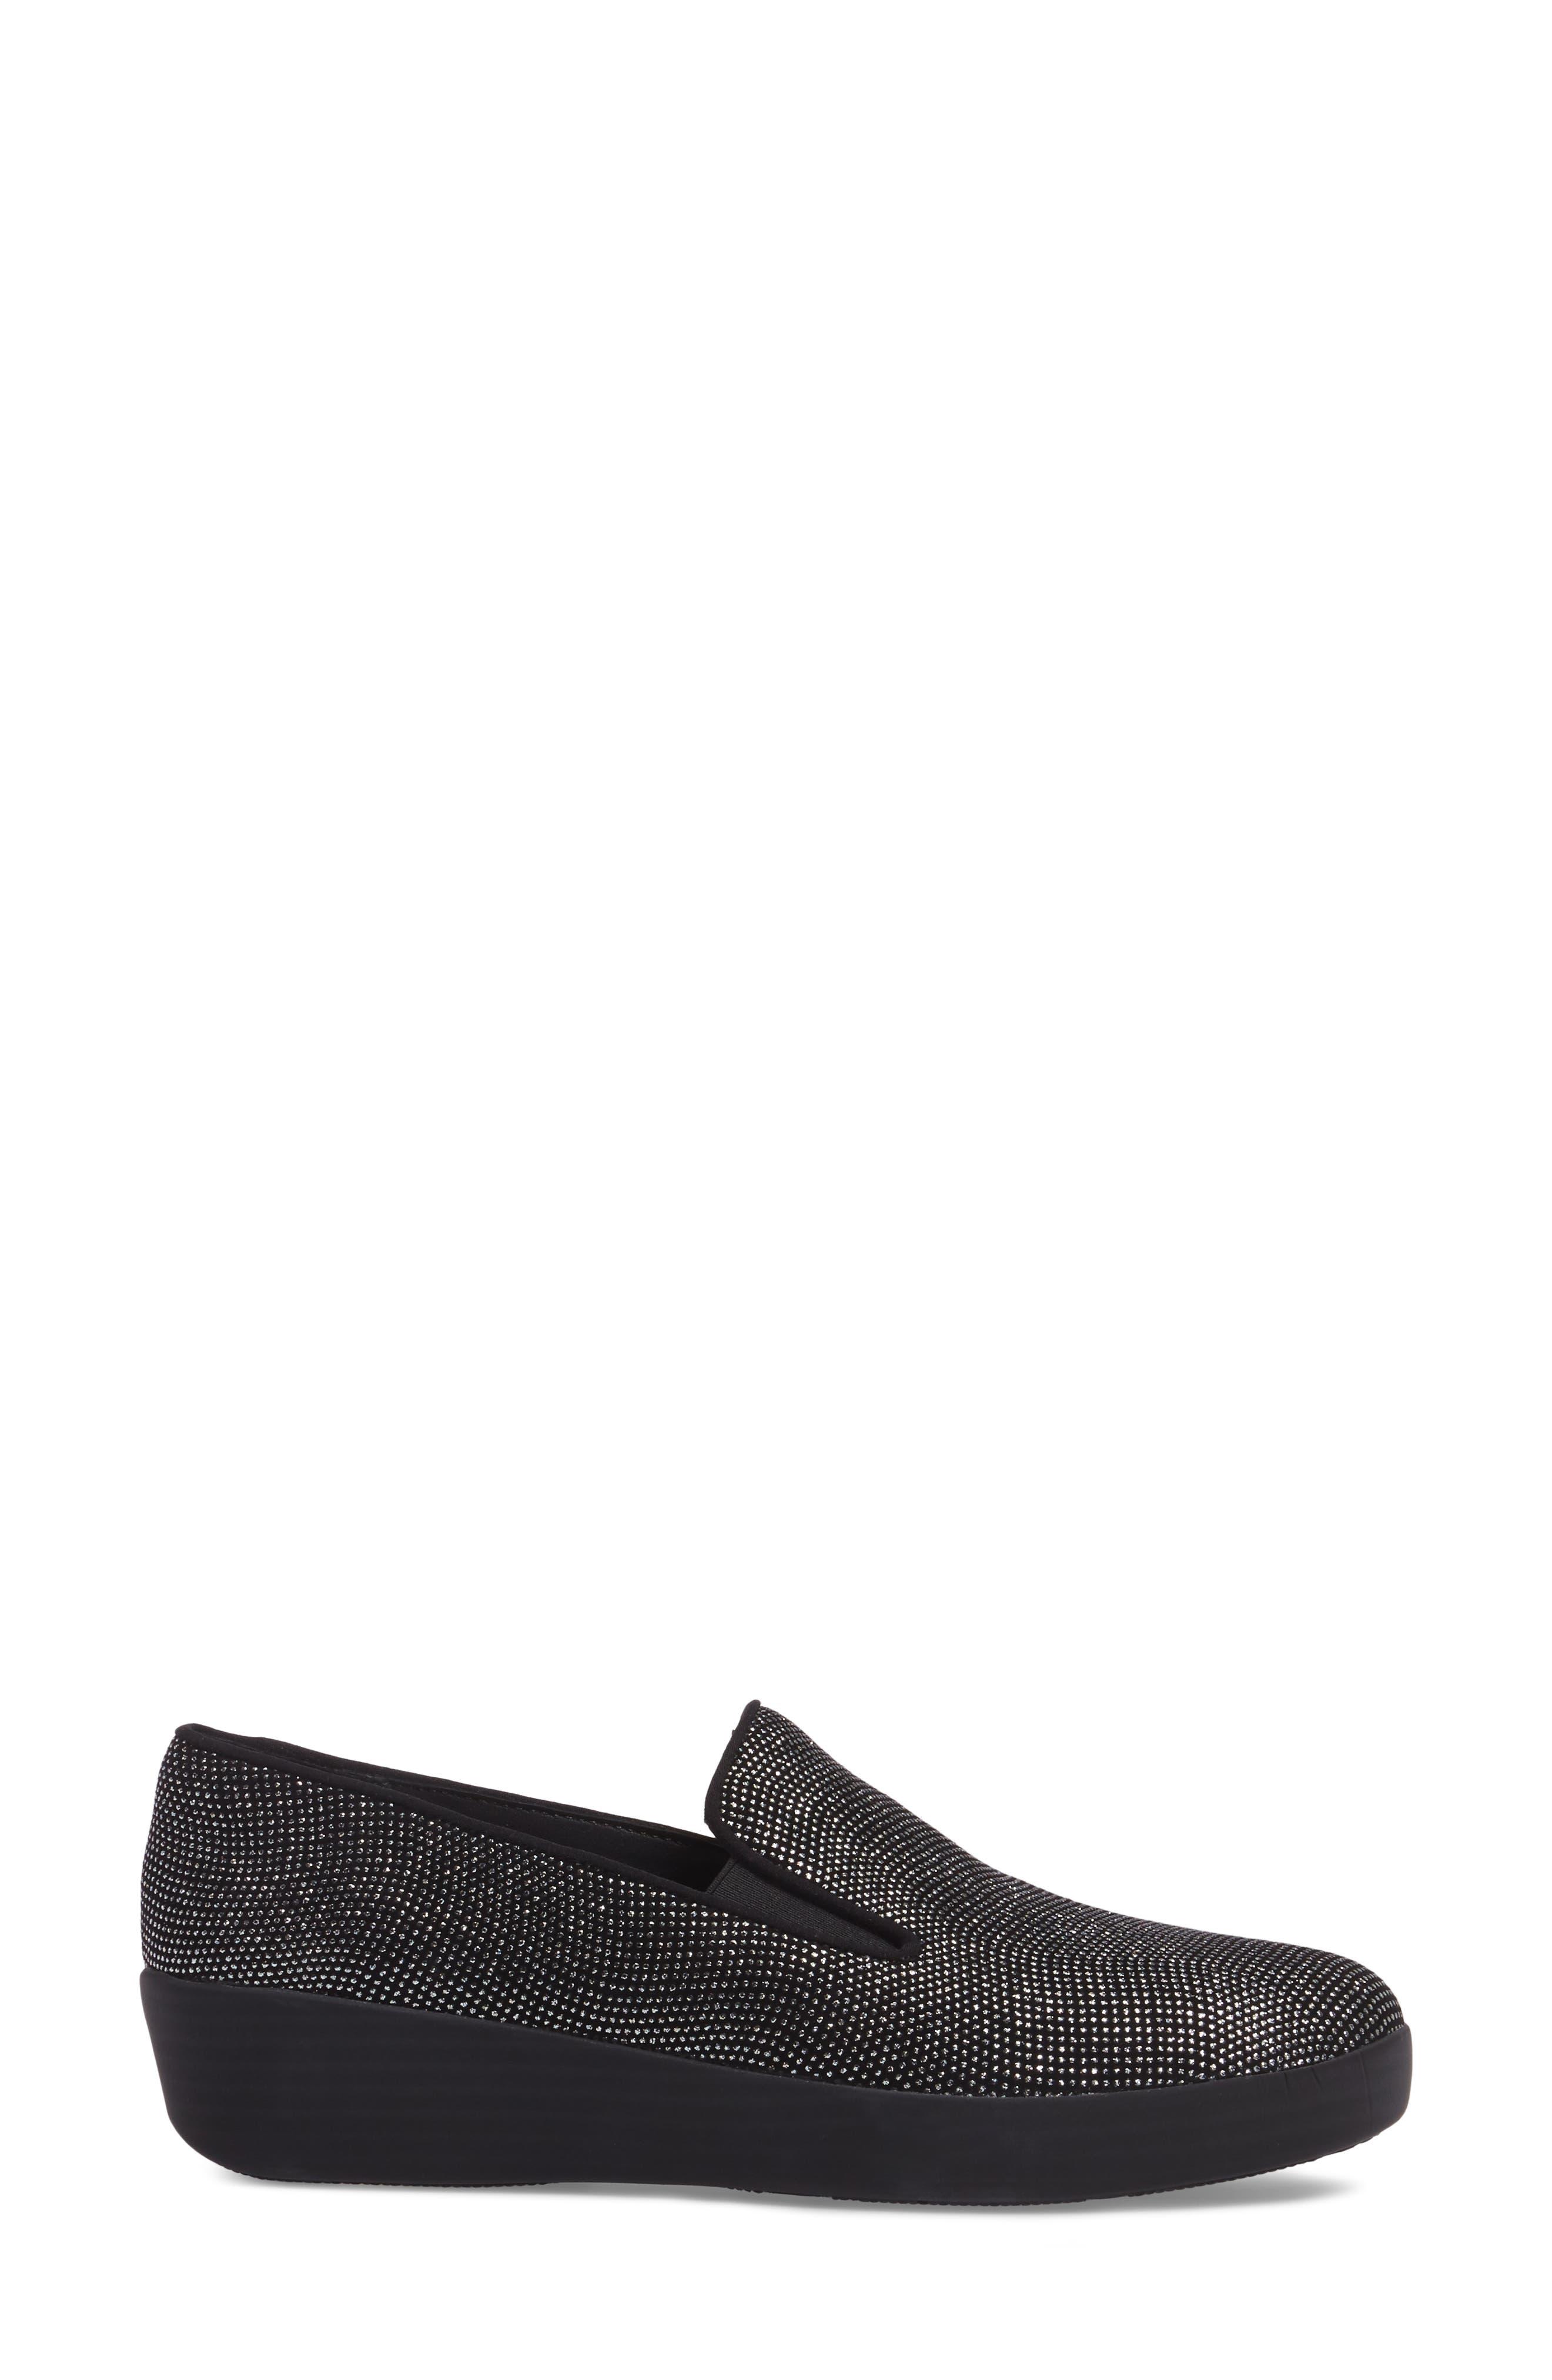 Alternate Image 3  - FitFlop Superskate Glitter Dot Slip-On Sneaker (Women)